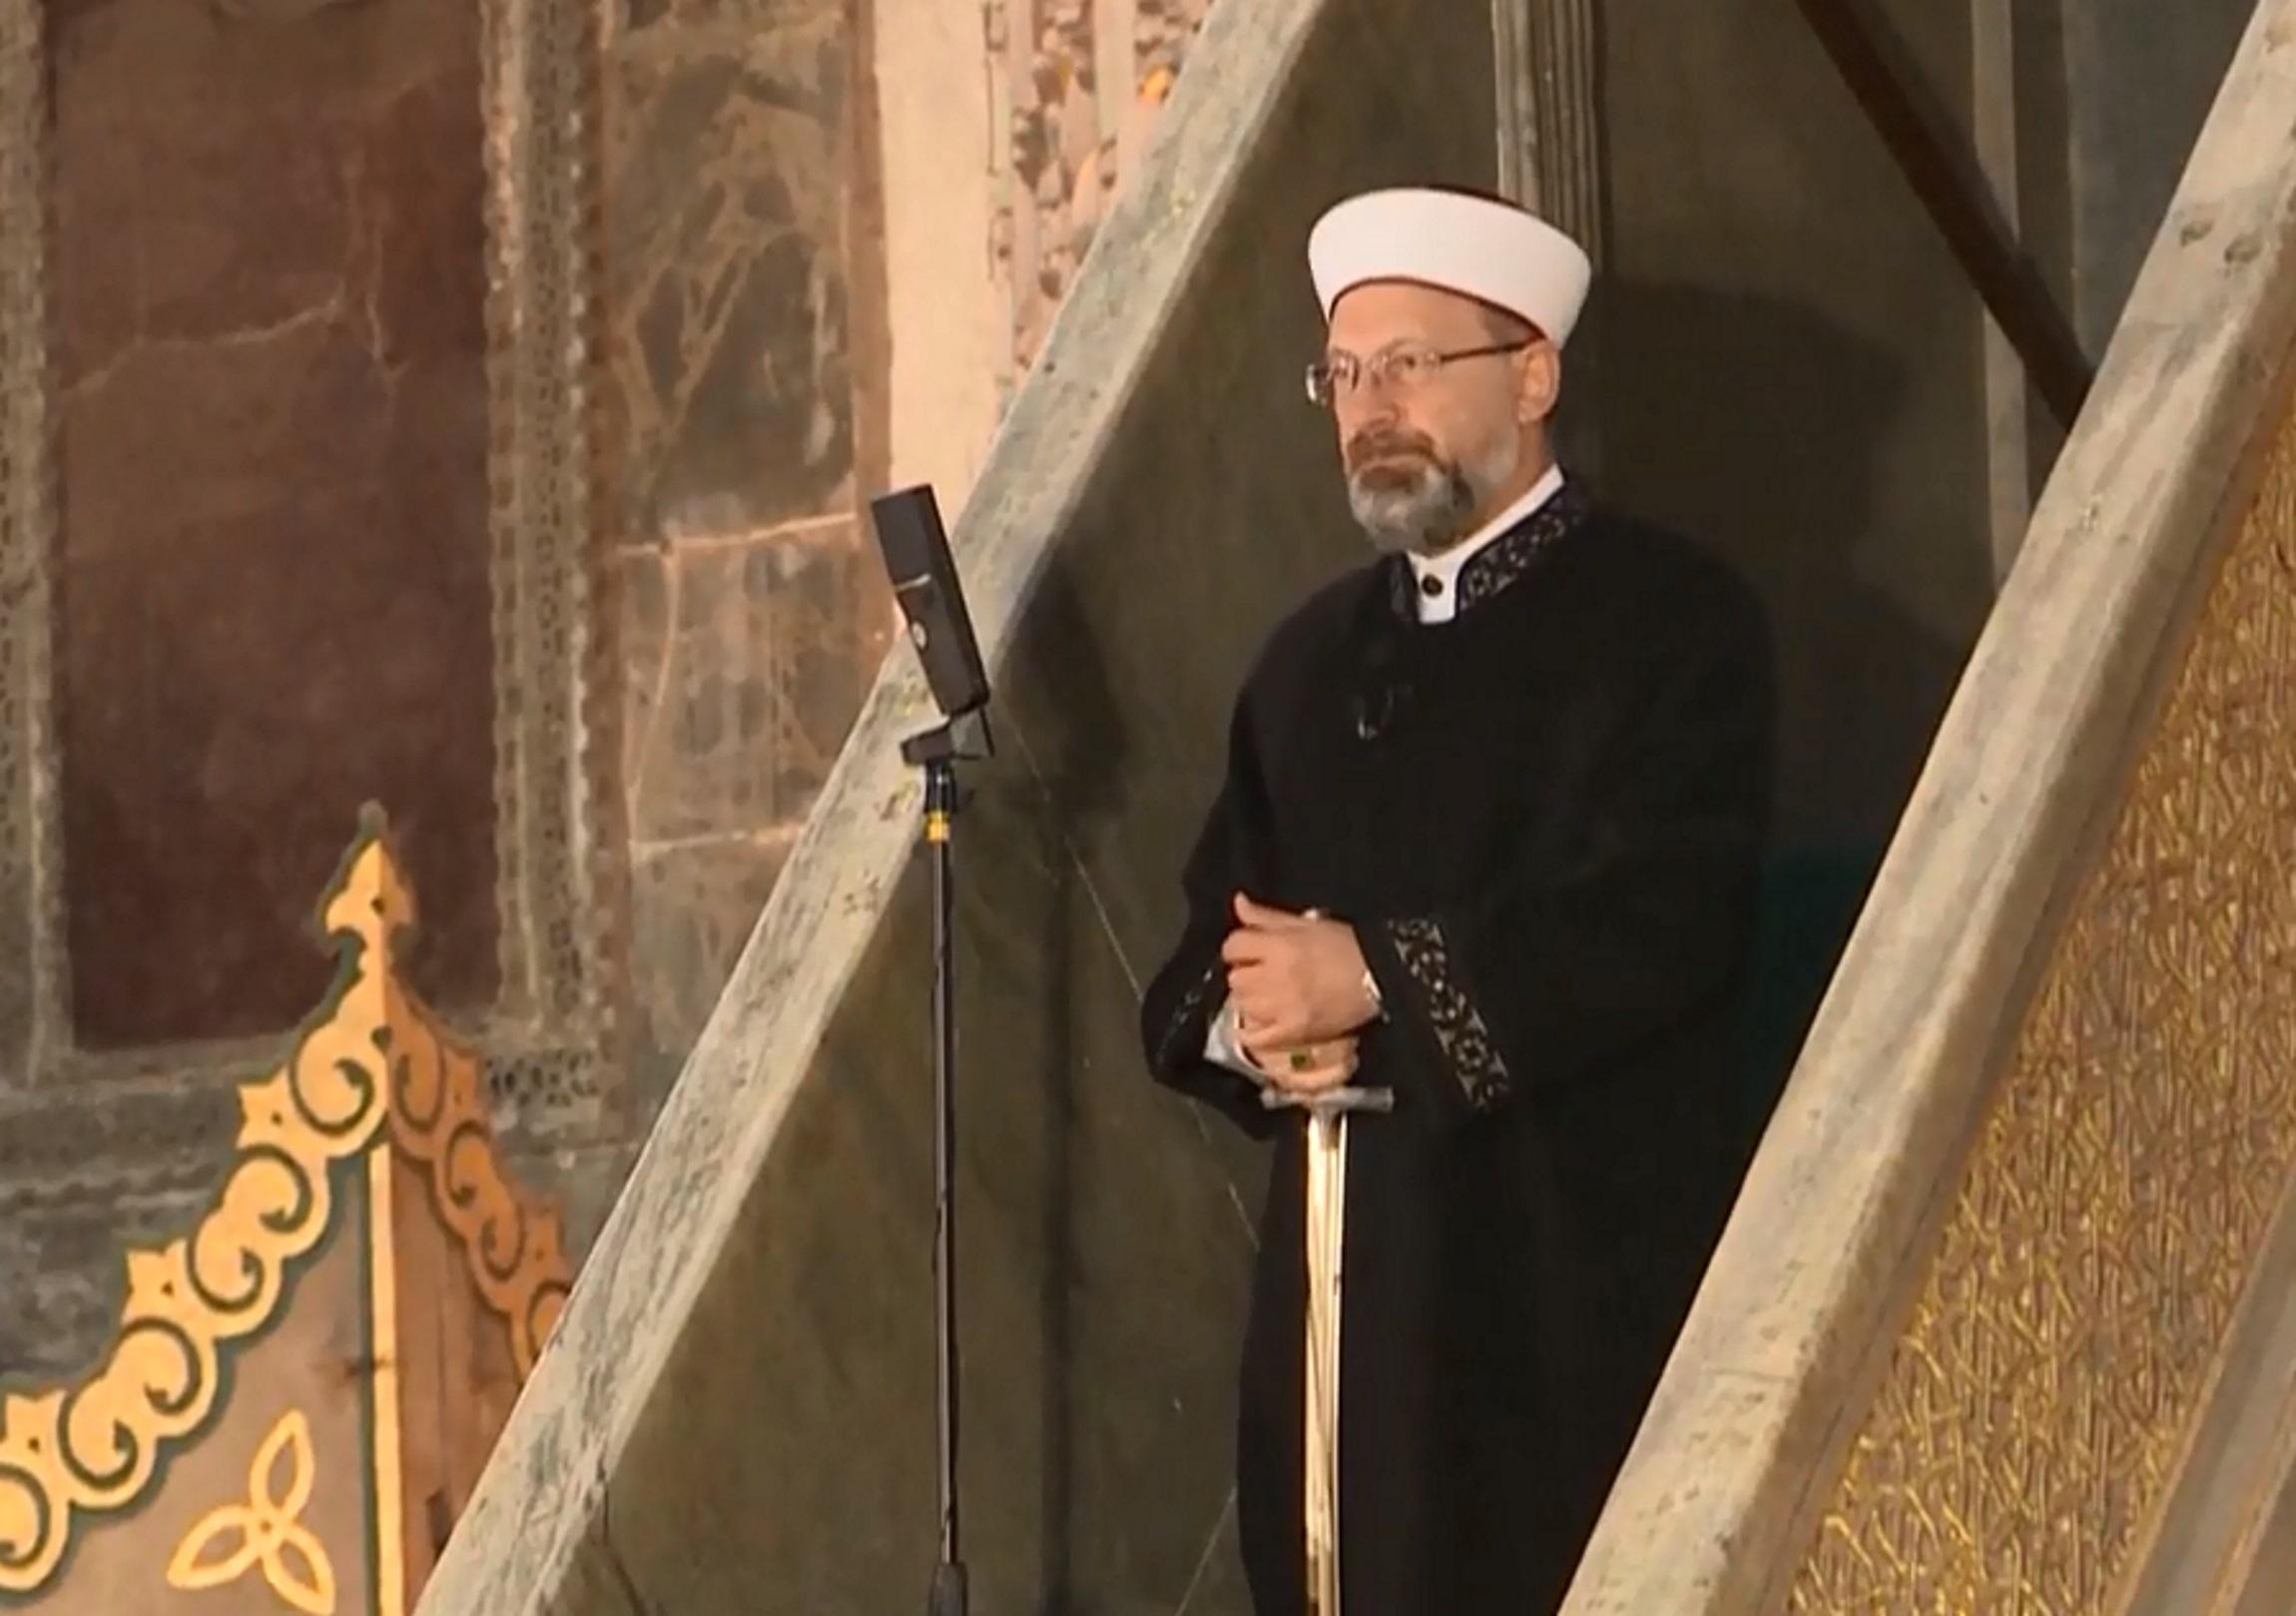 Αγία Σοφιά: Κατακλύστηκε από μουσουλμάνους για το Μπαϊράμι – Ο Ιμάμης με το σπαθί του κατακτητή (pics, vid)